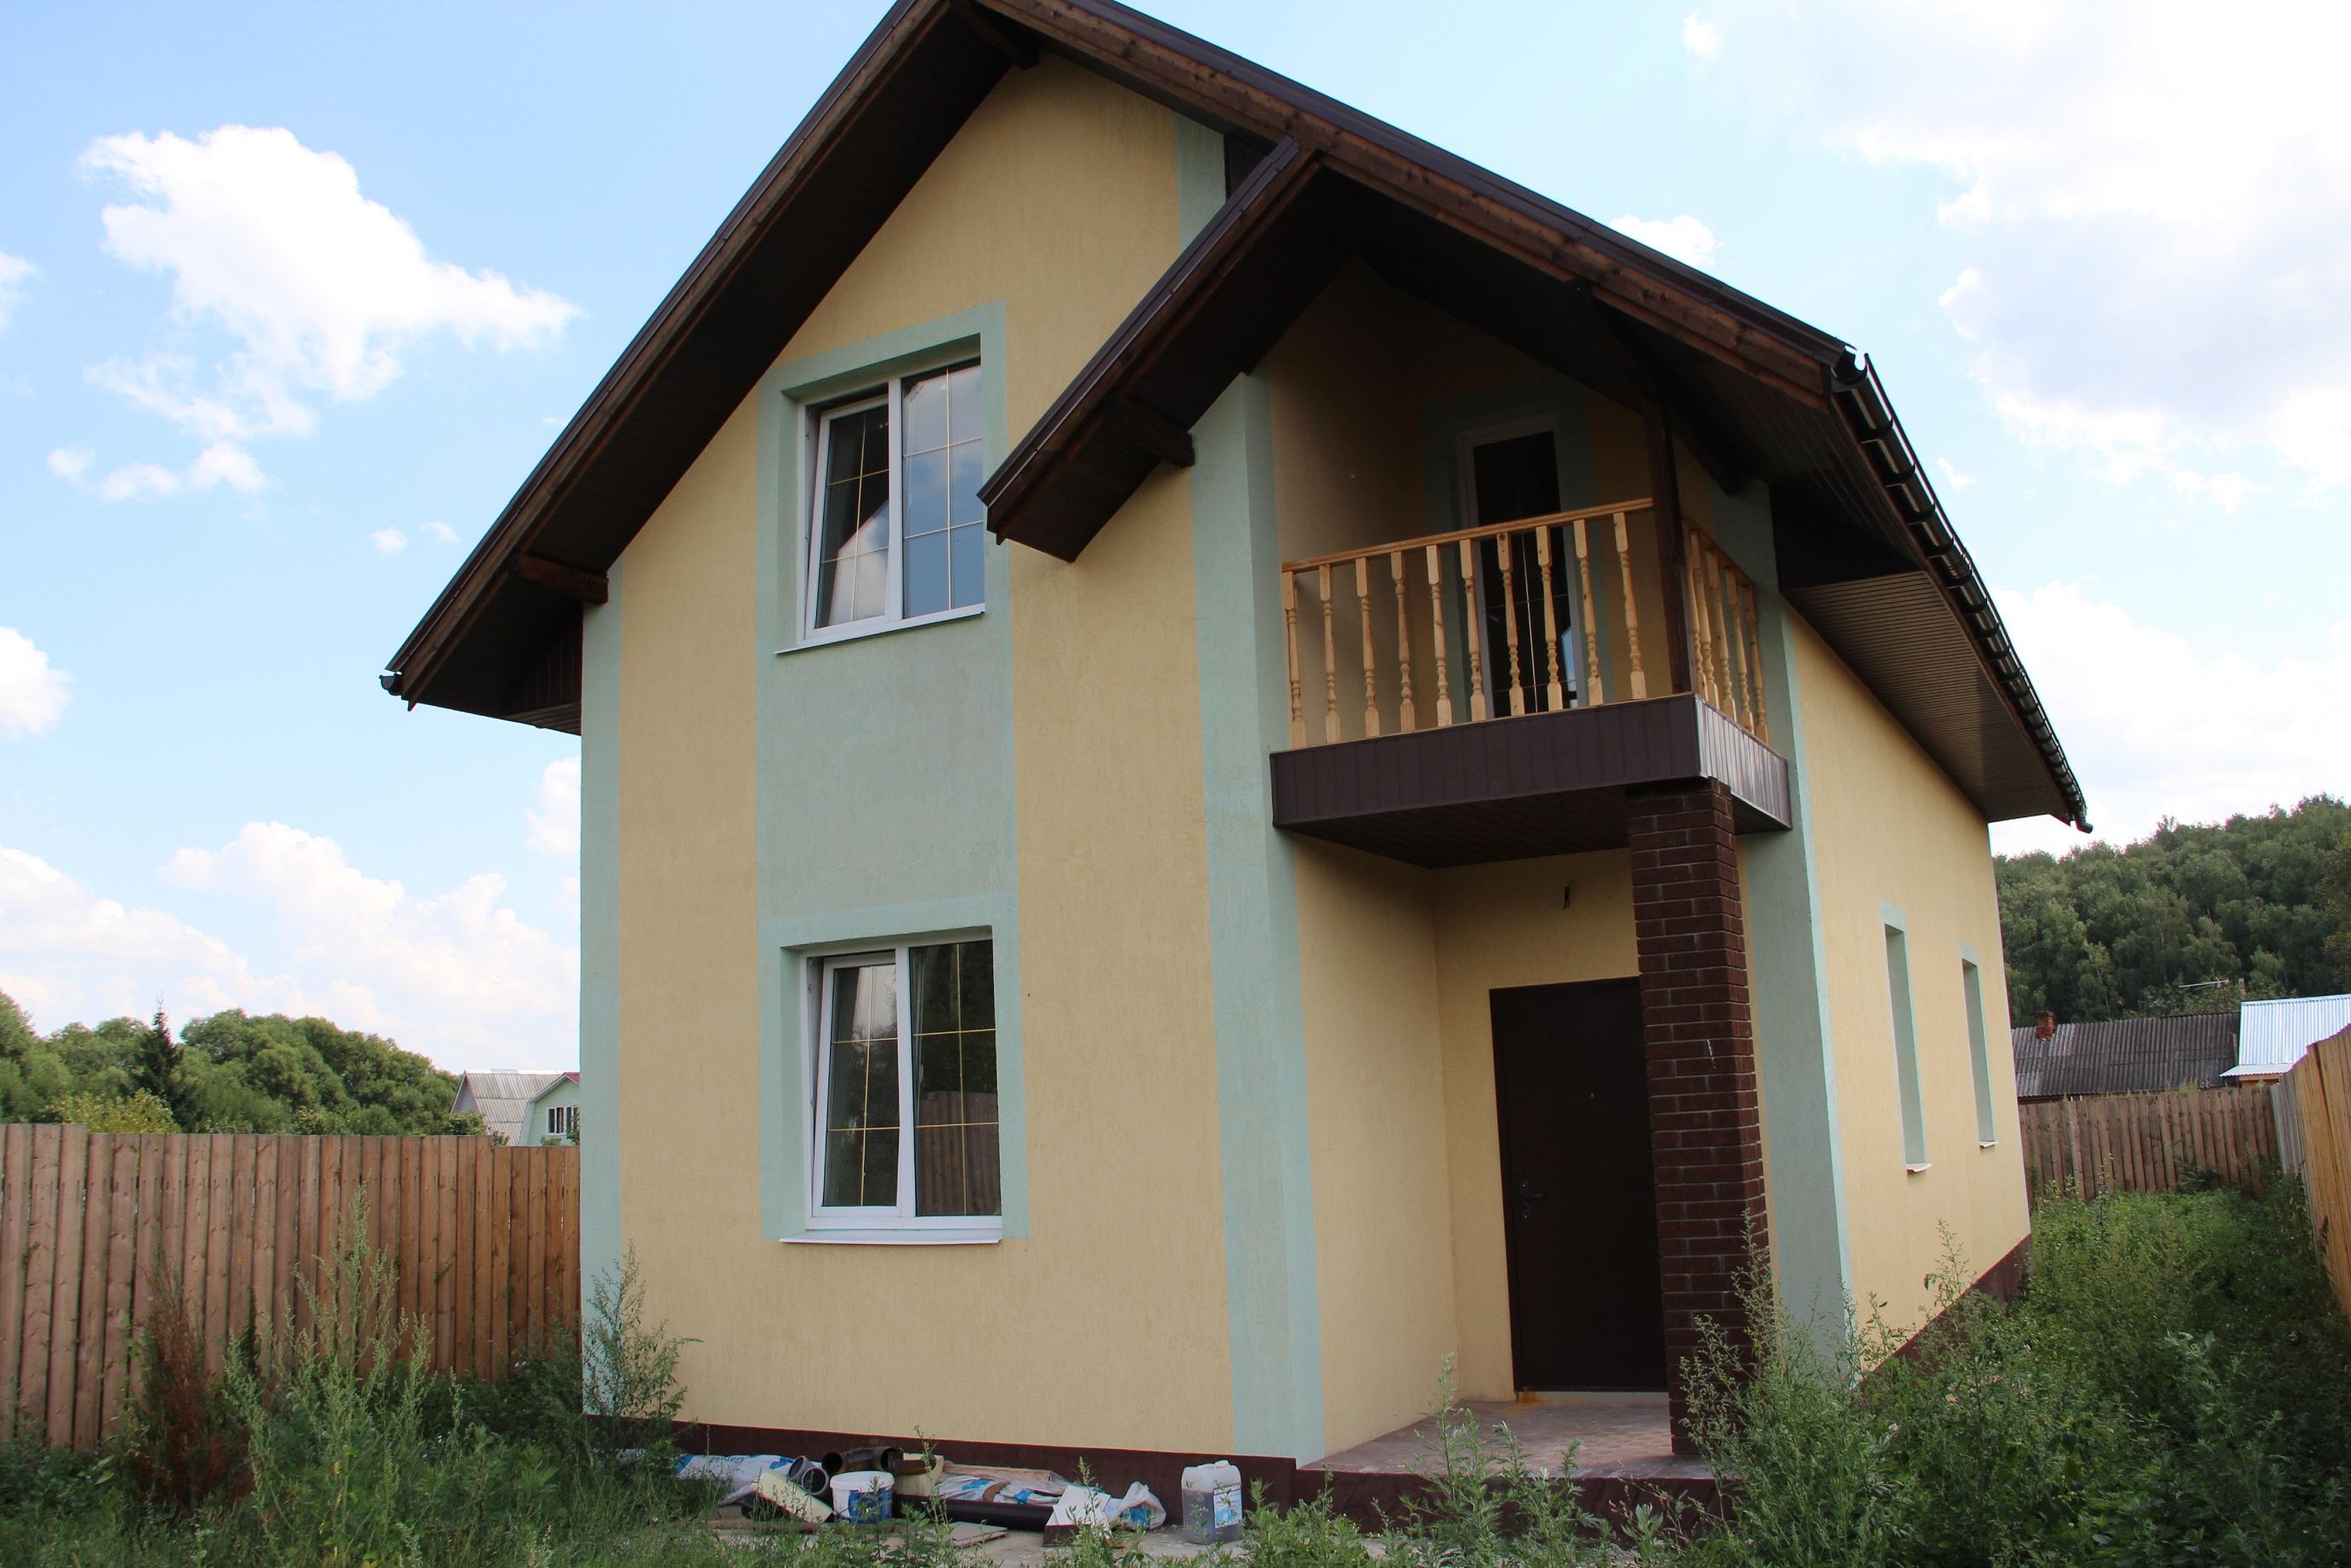 Продам дом 2-этажный дом 110 м2 (пеноблоки) на участке 6 сот 6 км до города новый двухэтажный дом в деревне чулпаново